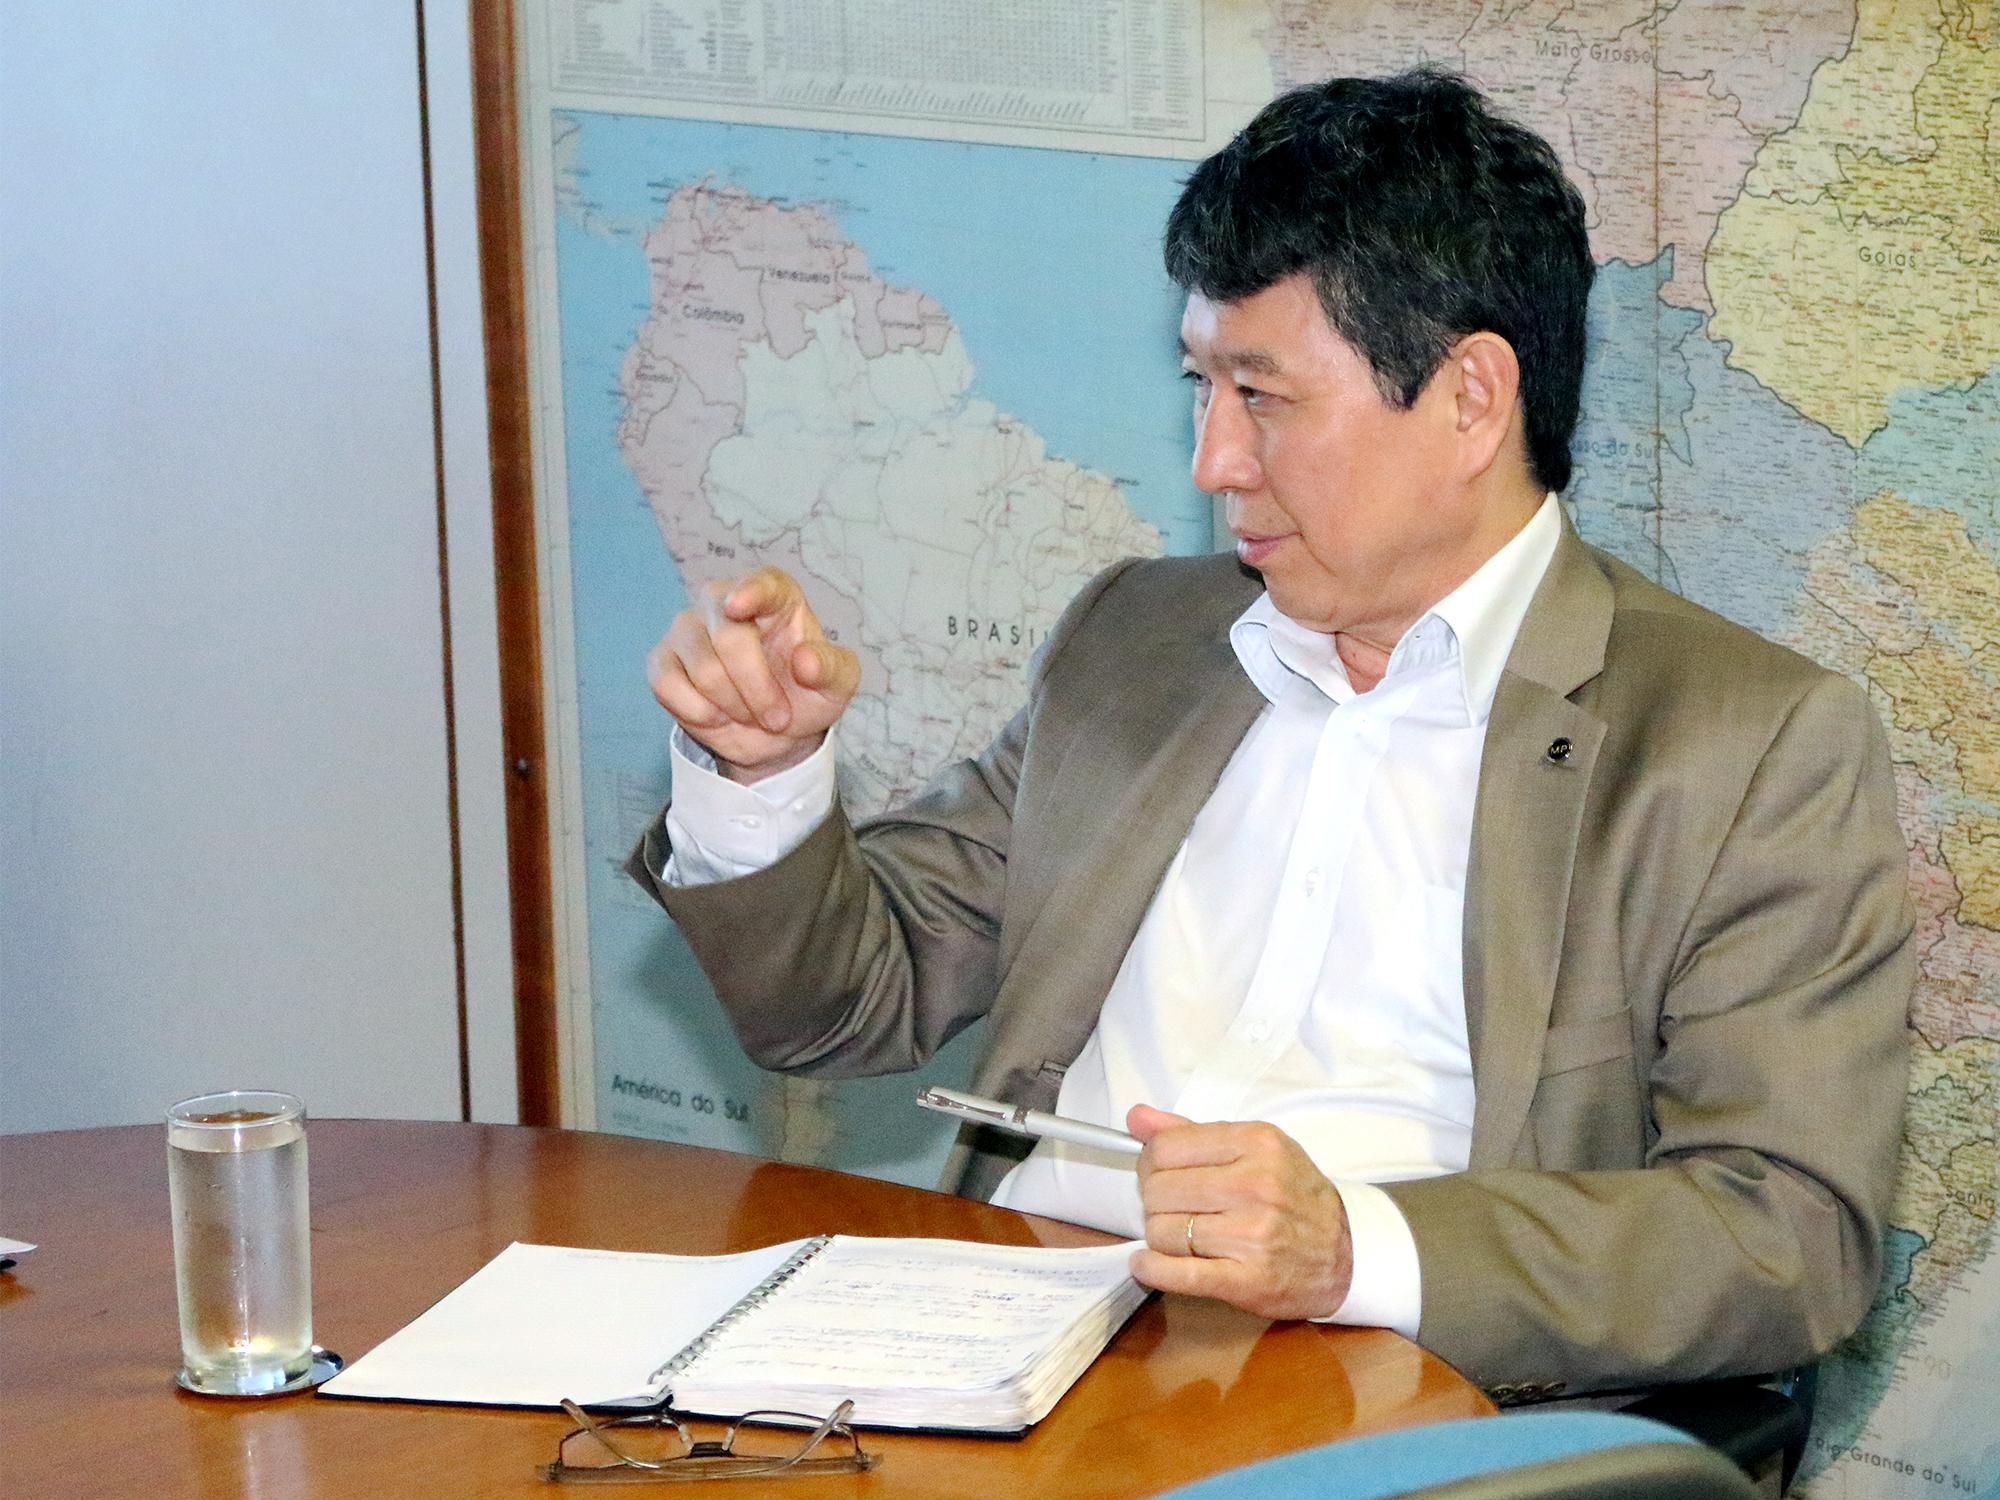 Augusto Chiba, Secretário de Gestão de Pessoas. Foto: Filipe Calmon / ANESP